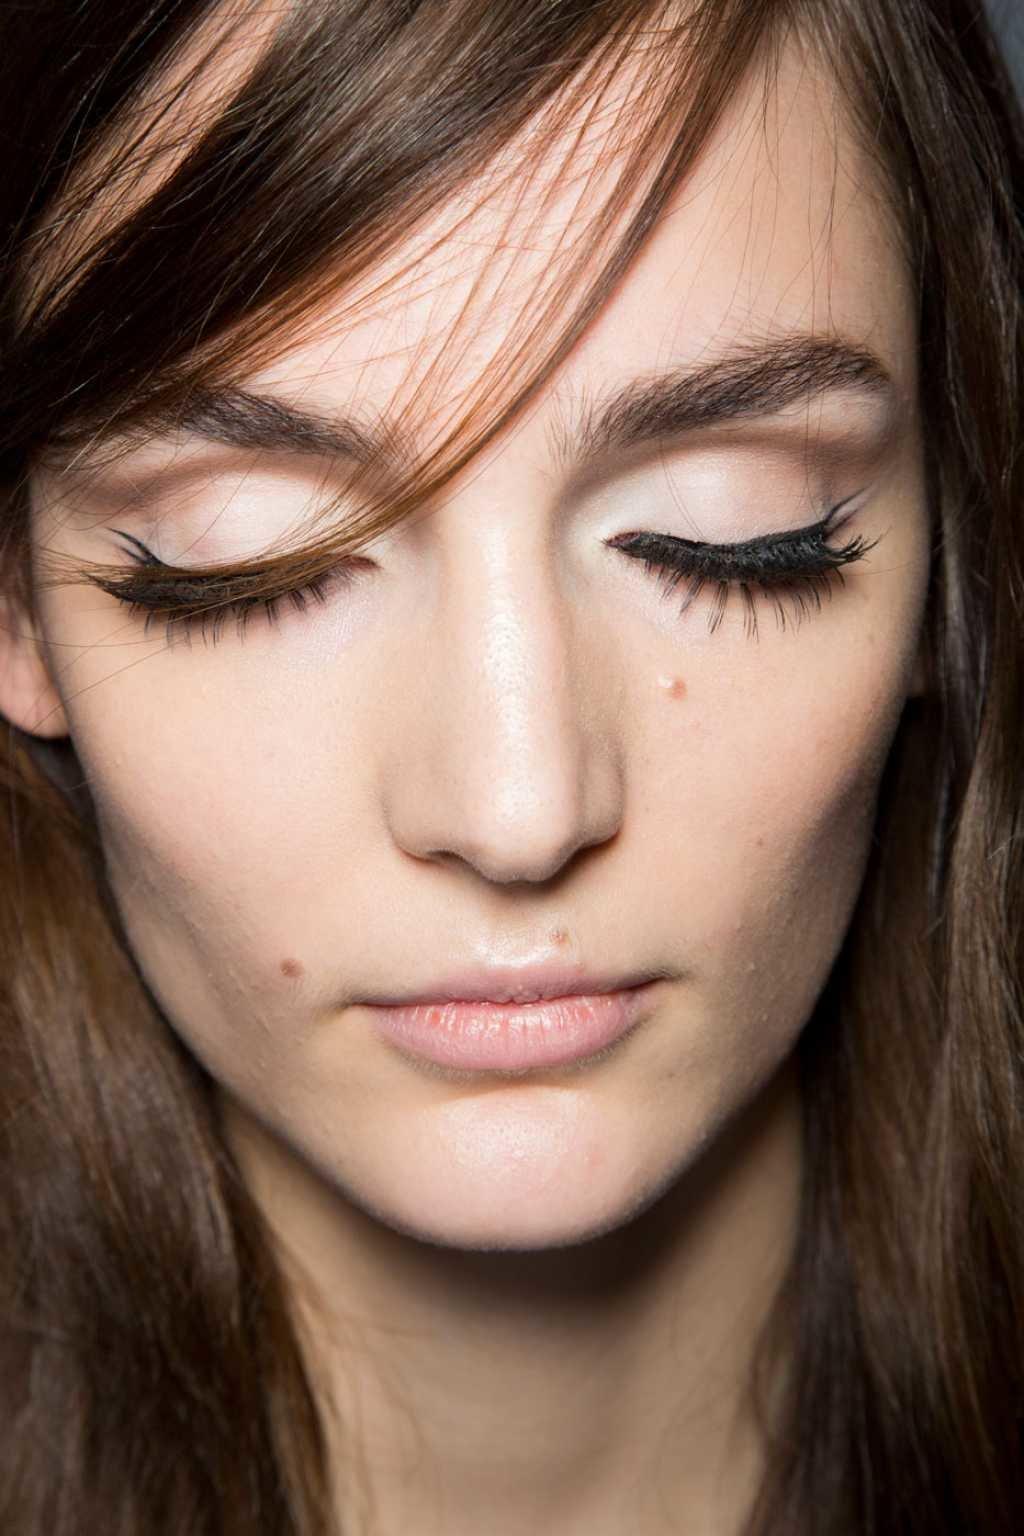 Дневной макияж для шатенок фото с